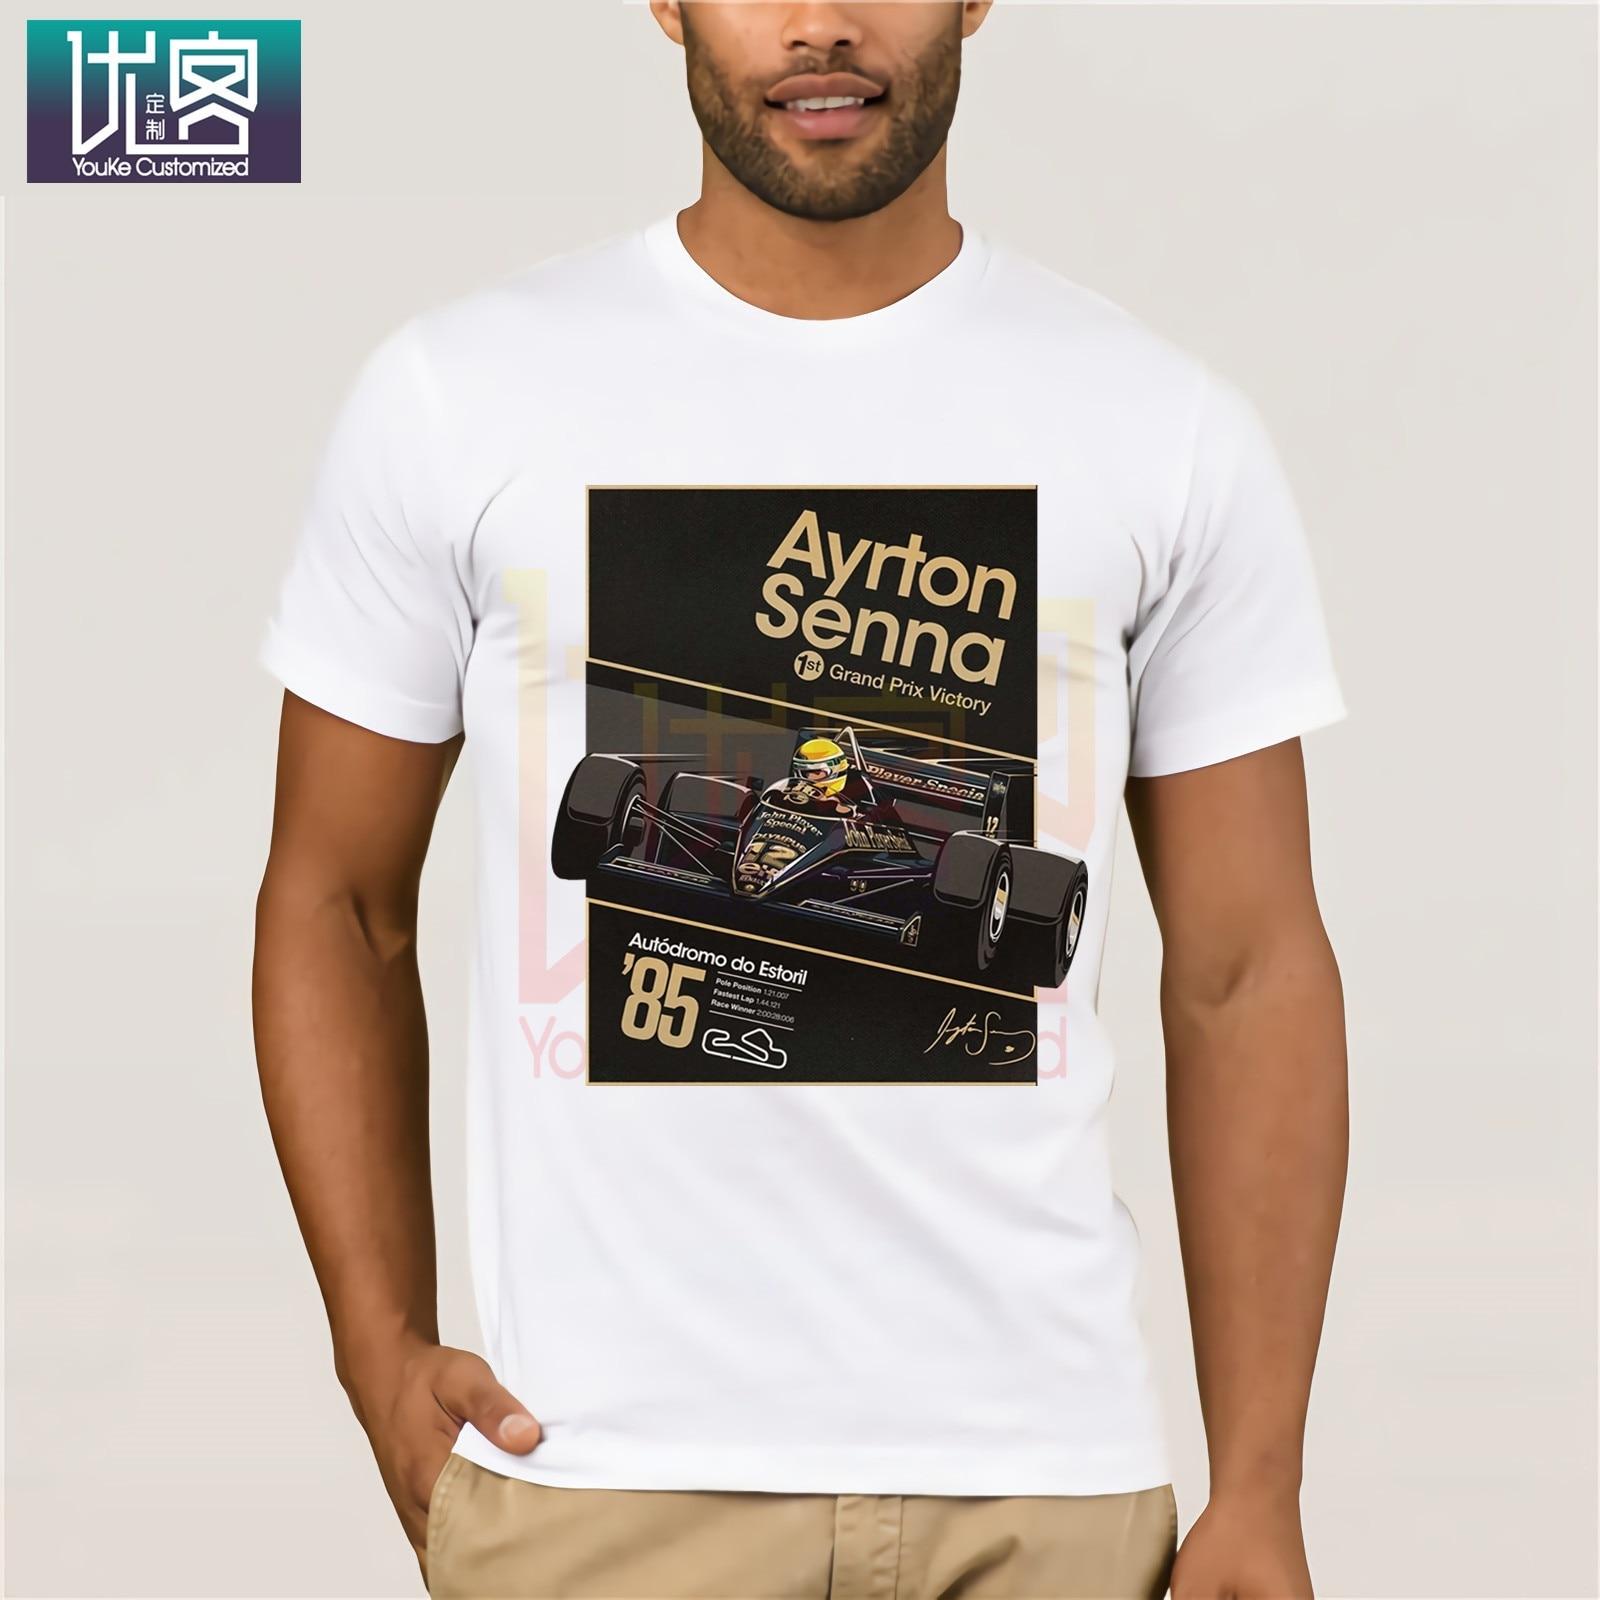 ayrton-font-b-senna-b-font-affiches-celebrer-le-t-shirt-du-maitre-incroyable-a-manches-courtes-unique-decontracte-a-manches-courtes-haut-en-coton-t-shirt-present